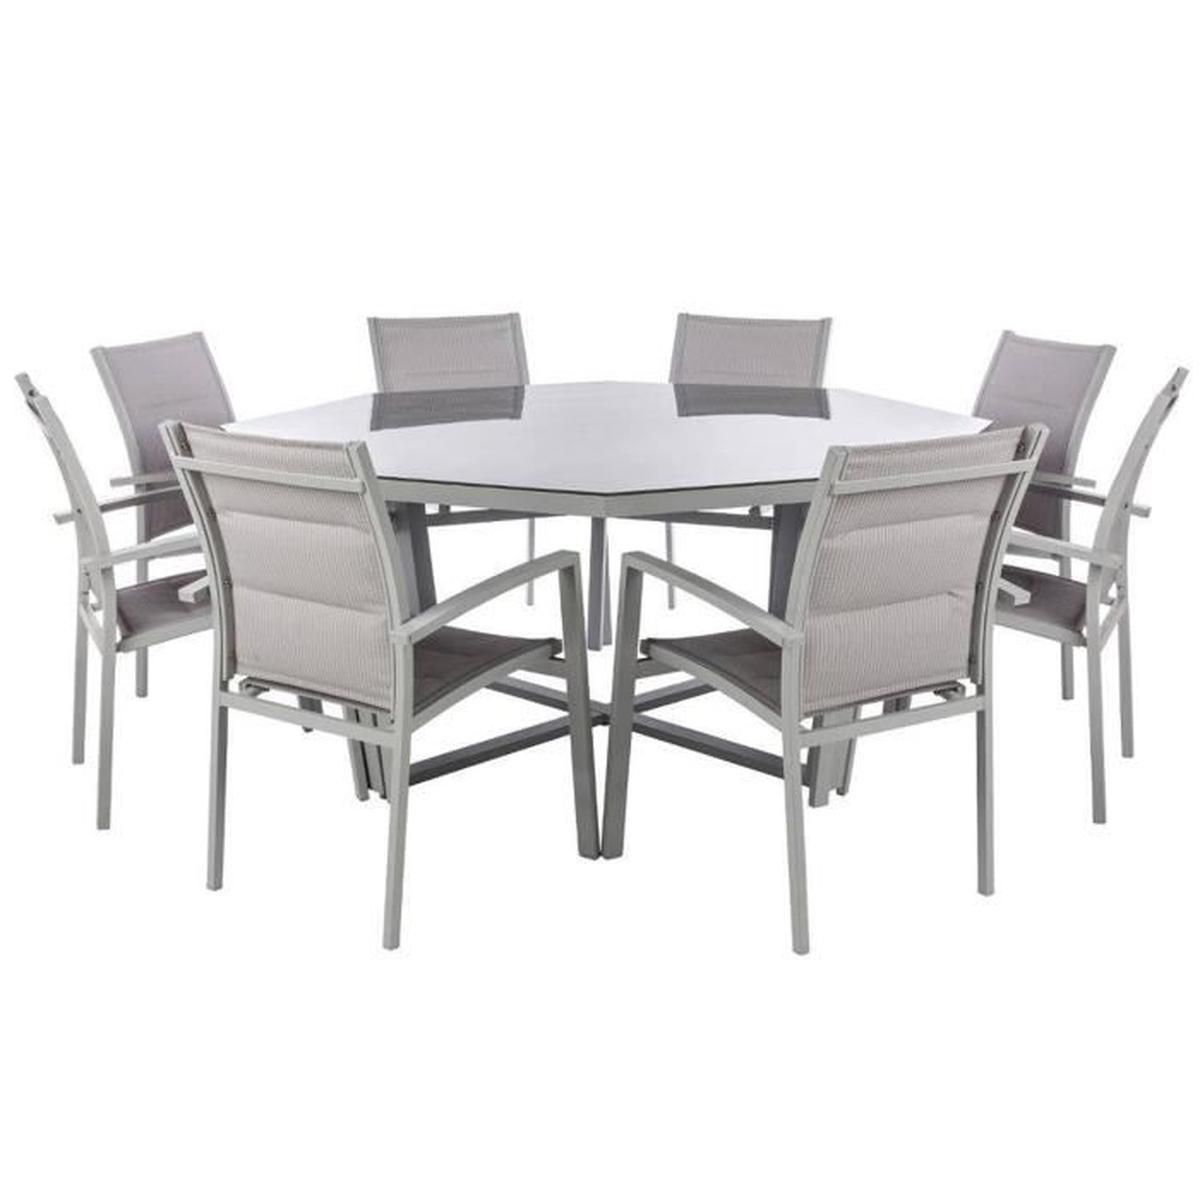 Table Octogonale En Aluminium Et Verre Trempé Coloris Galet ... intérieur Table Jardin Cdiscount